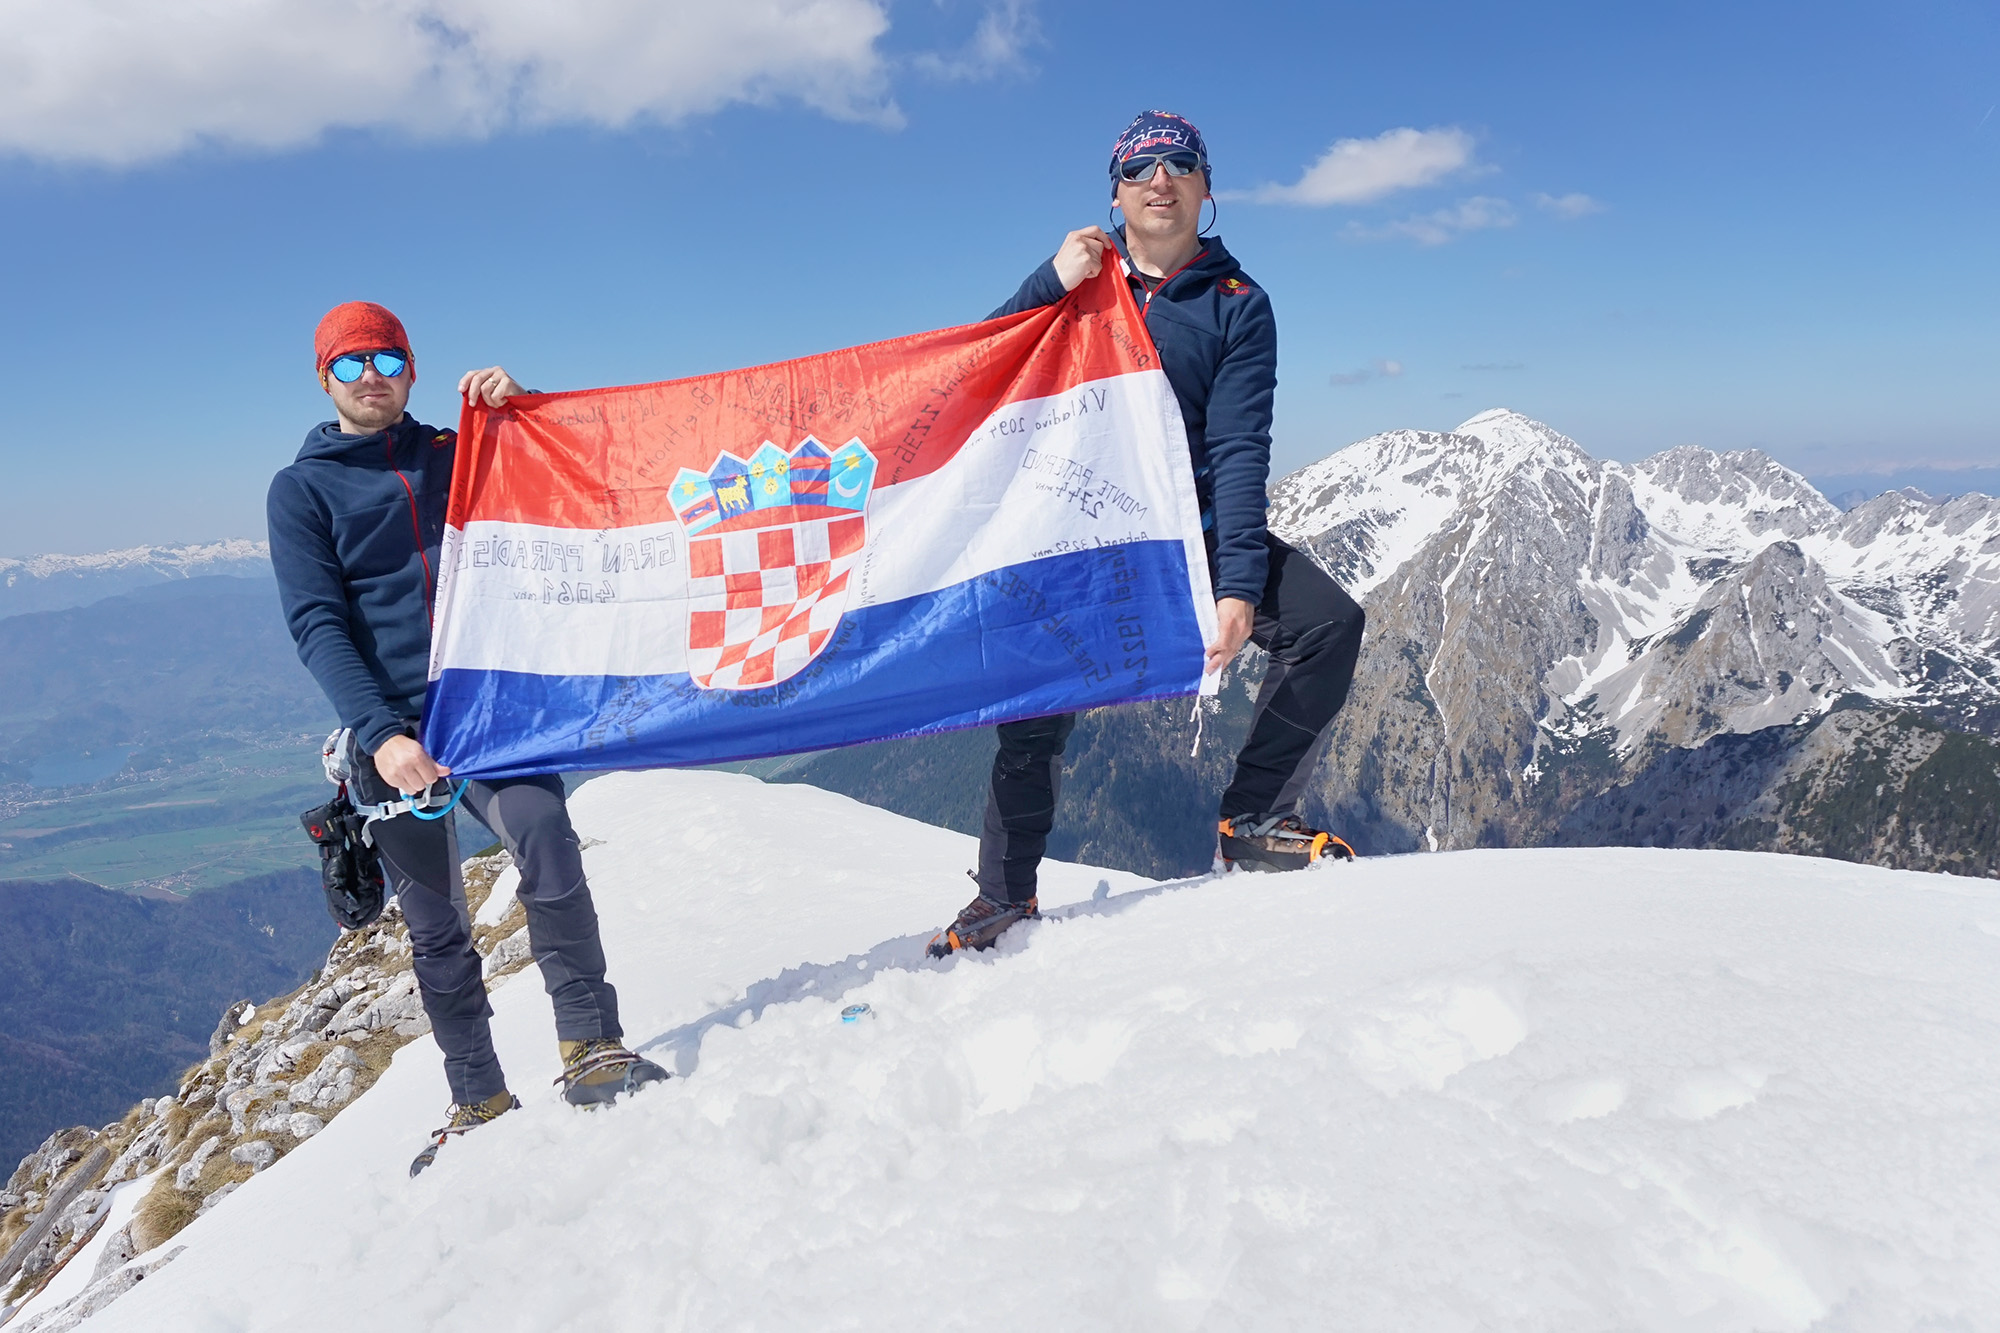 Photo of Ovog Uskrsa avanturistički dvojac iz Otočca popeo se na Begunjščicu (2060 mnv)